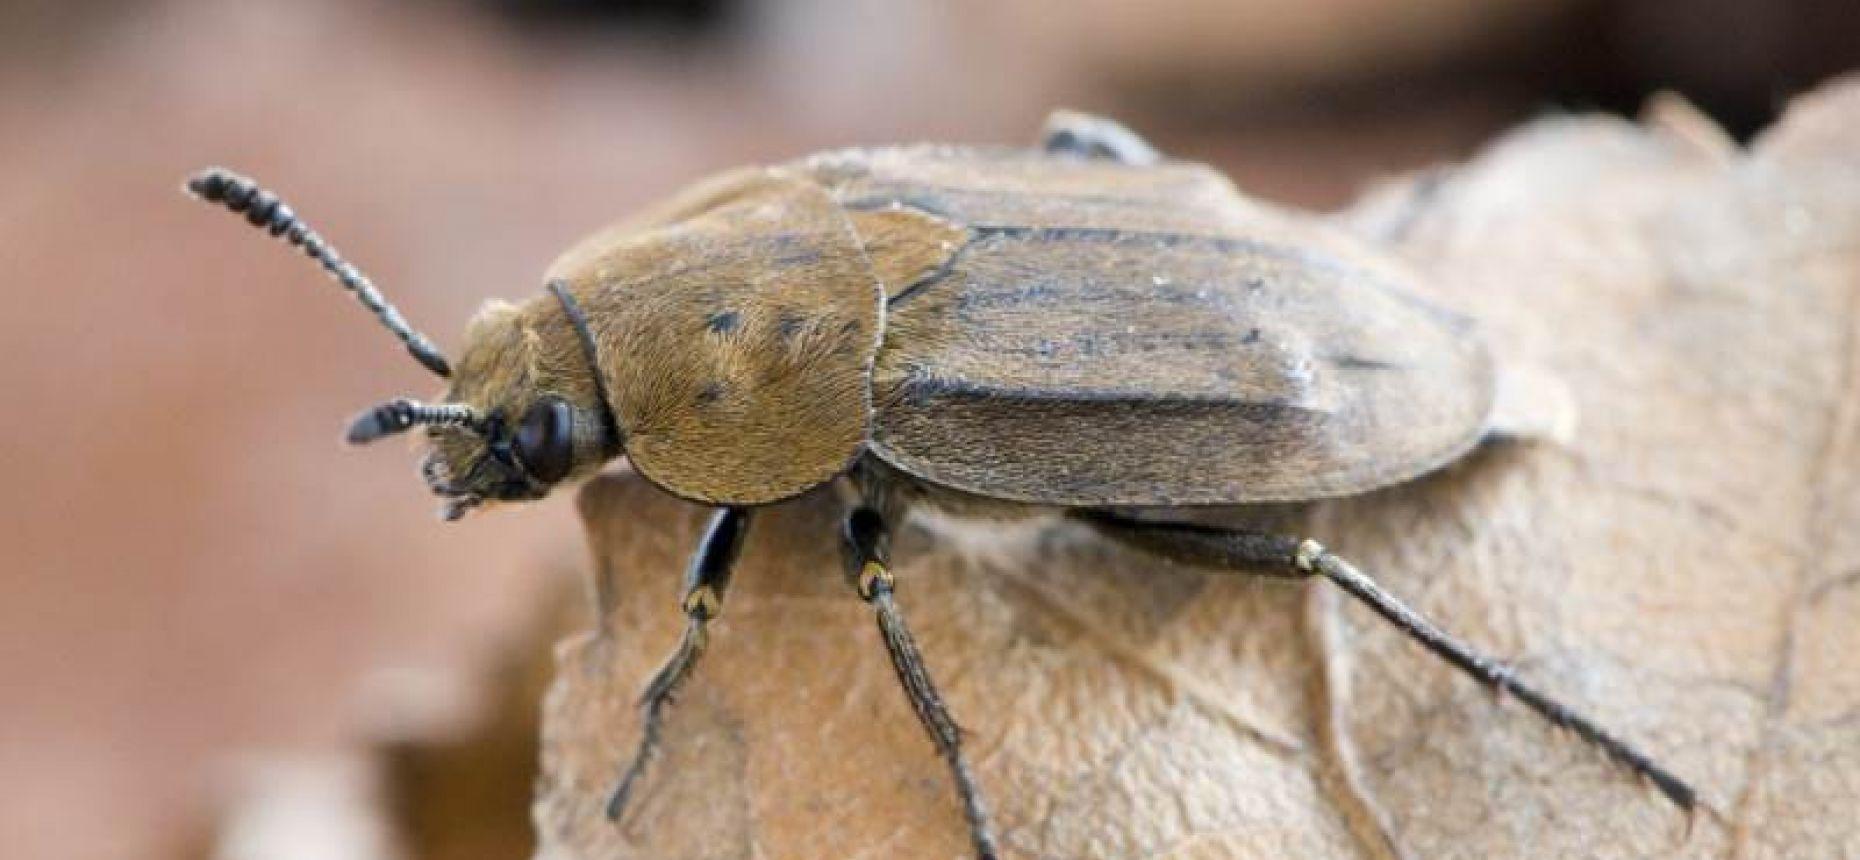 Матовый мертвоед - Aclypea opaca L.